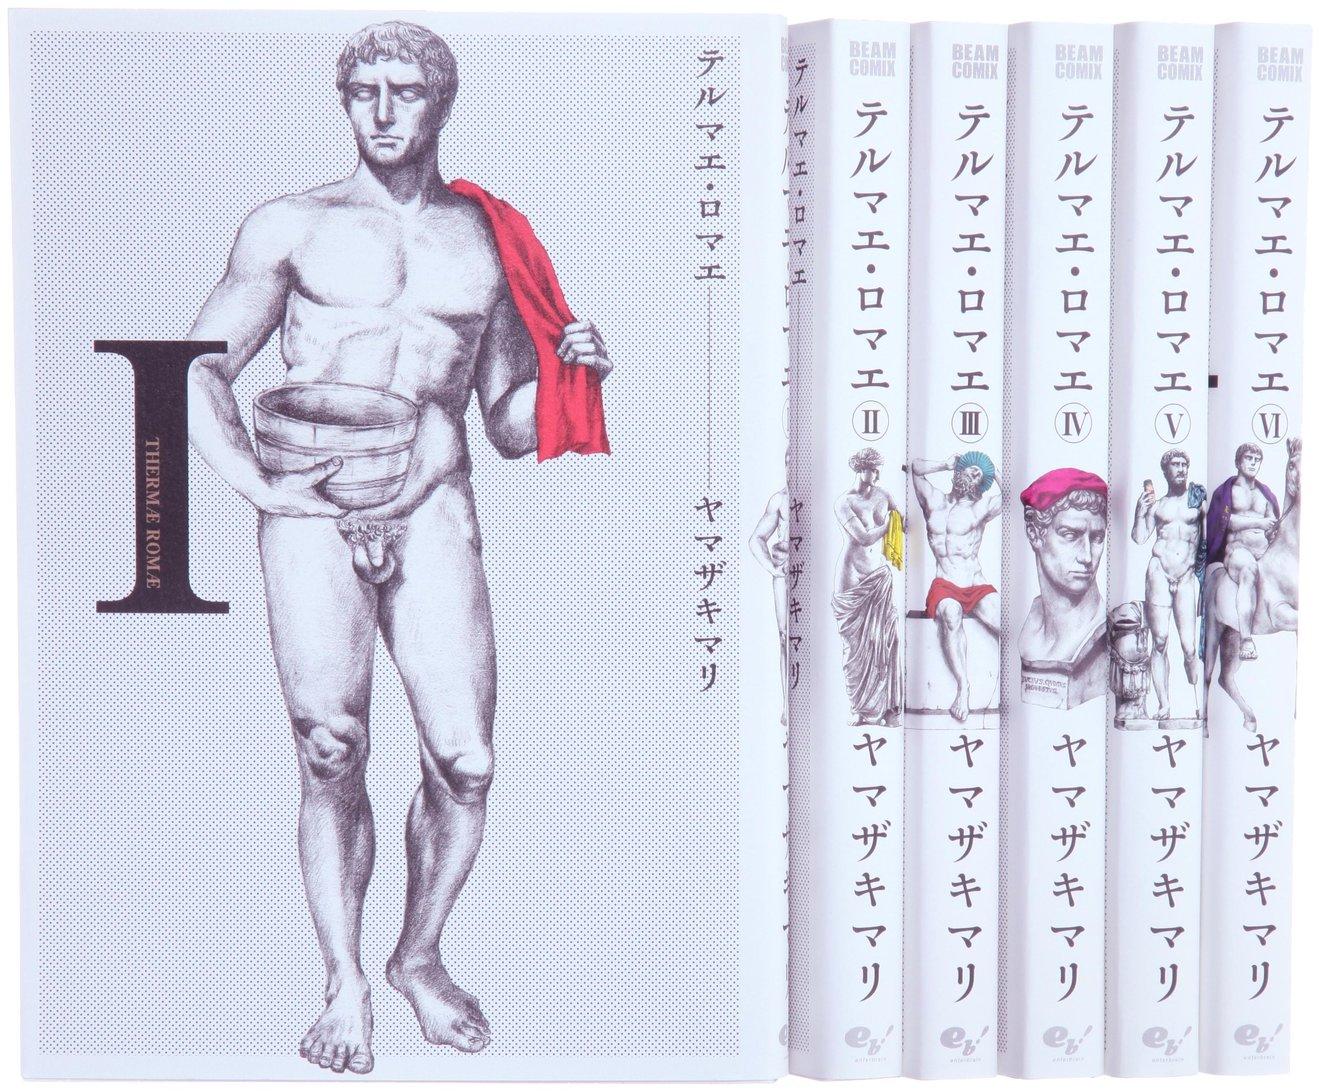 ヤマザキマリのおすすめ書籍5選!漫画だけじゃない、才能あふれる作品